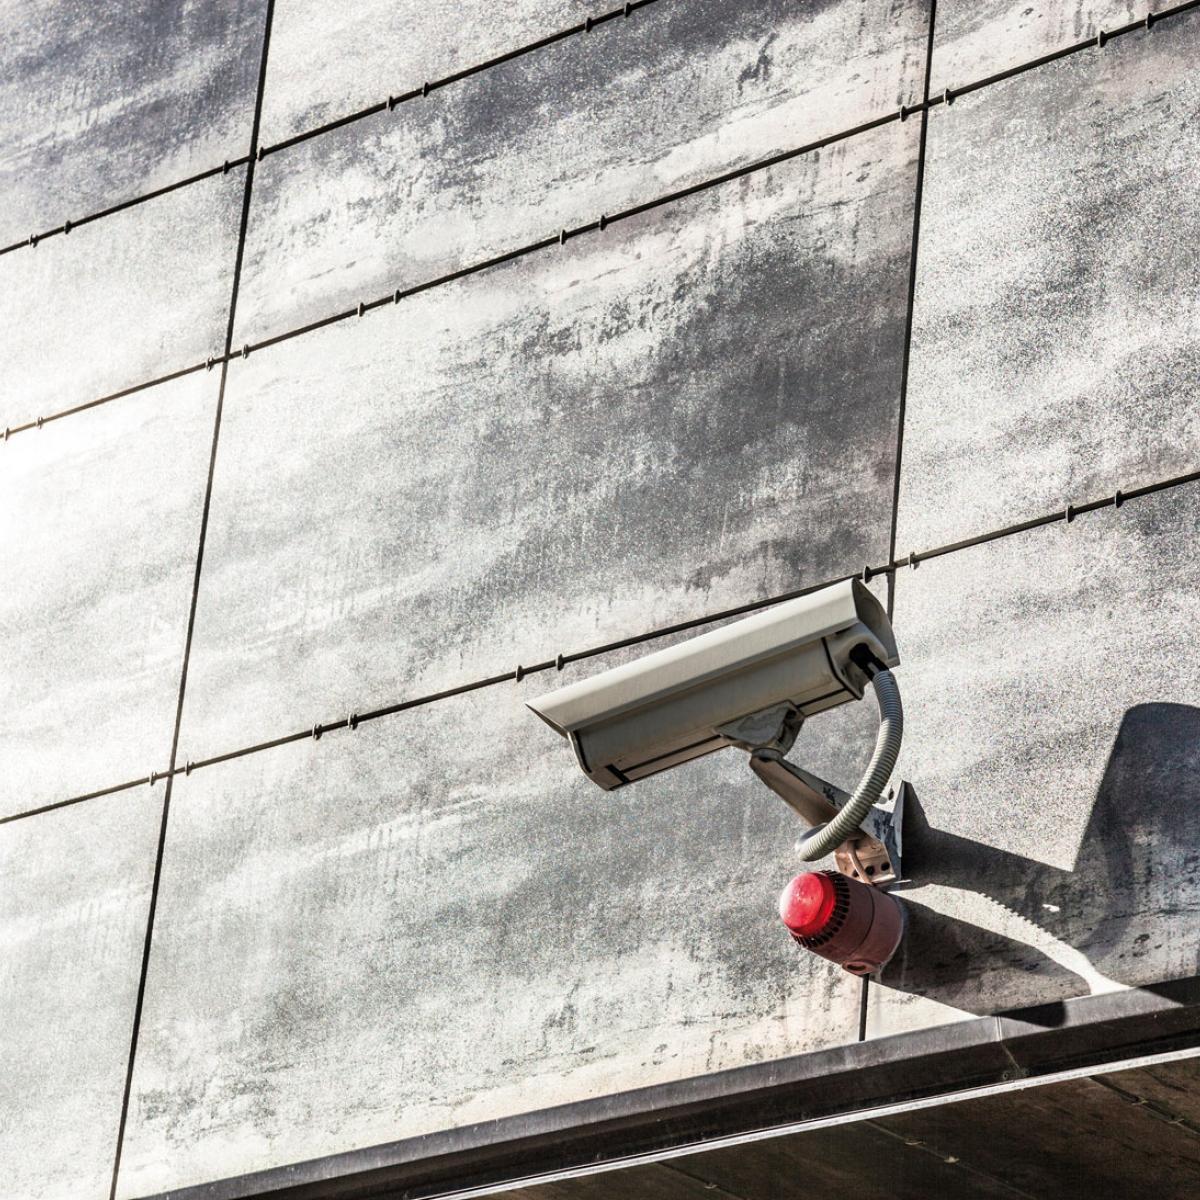 Vidéoprotection en entreprise ou sur site